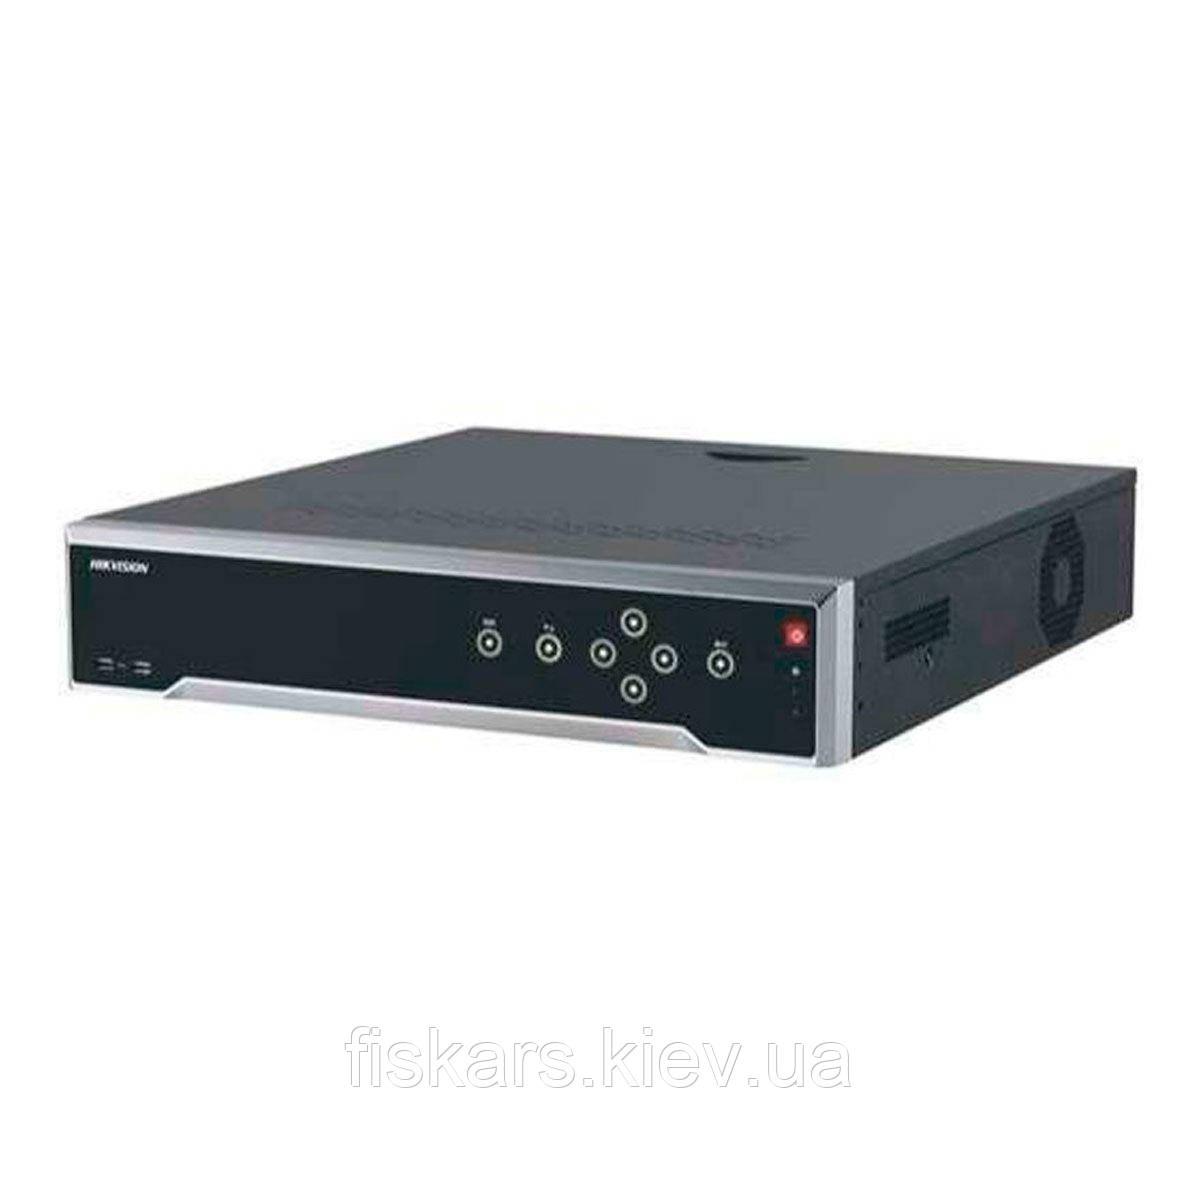 16-канальний IP відеореєстратор Hikvision DS-7716NI-I4/16P